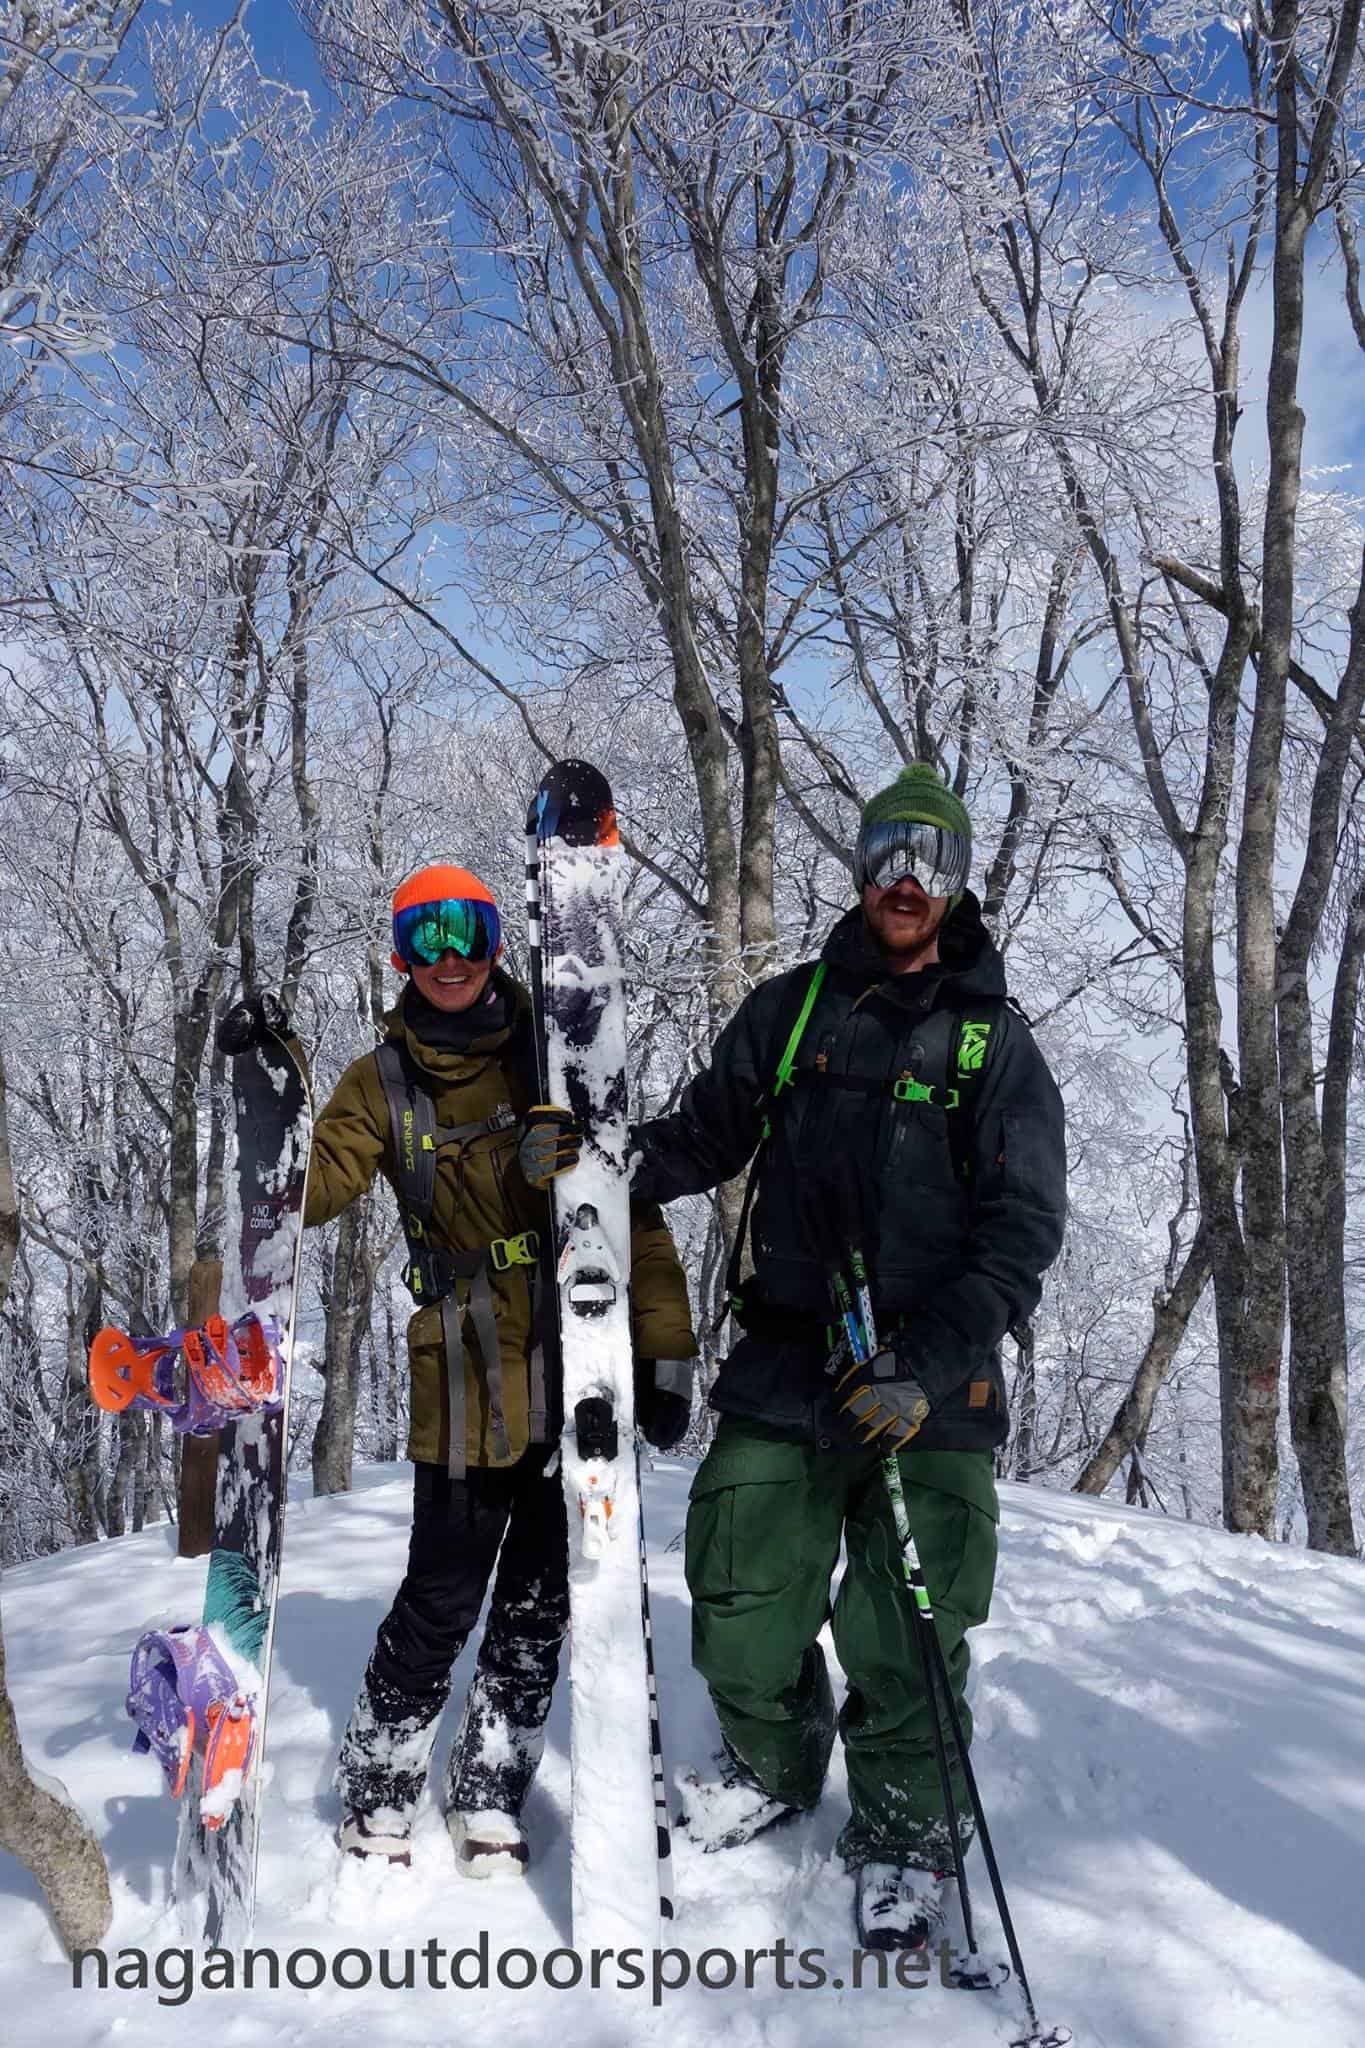 North Nagano Outdoor Sports